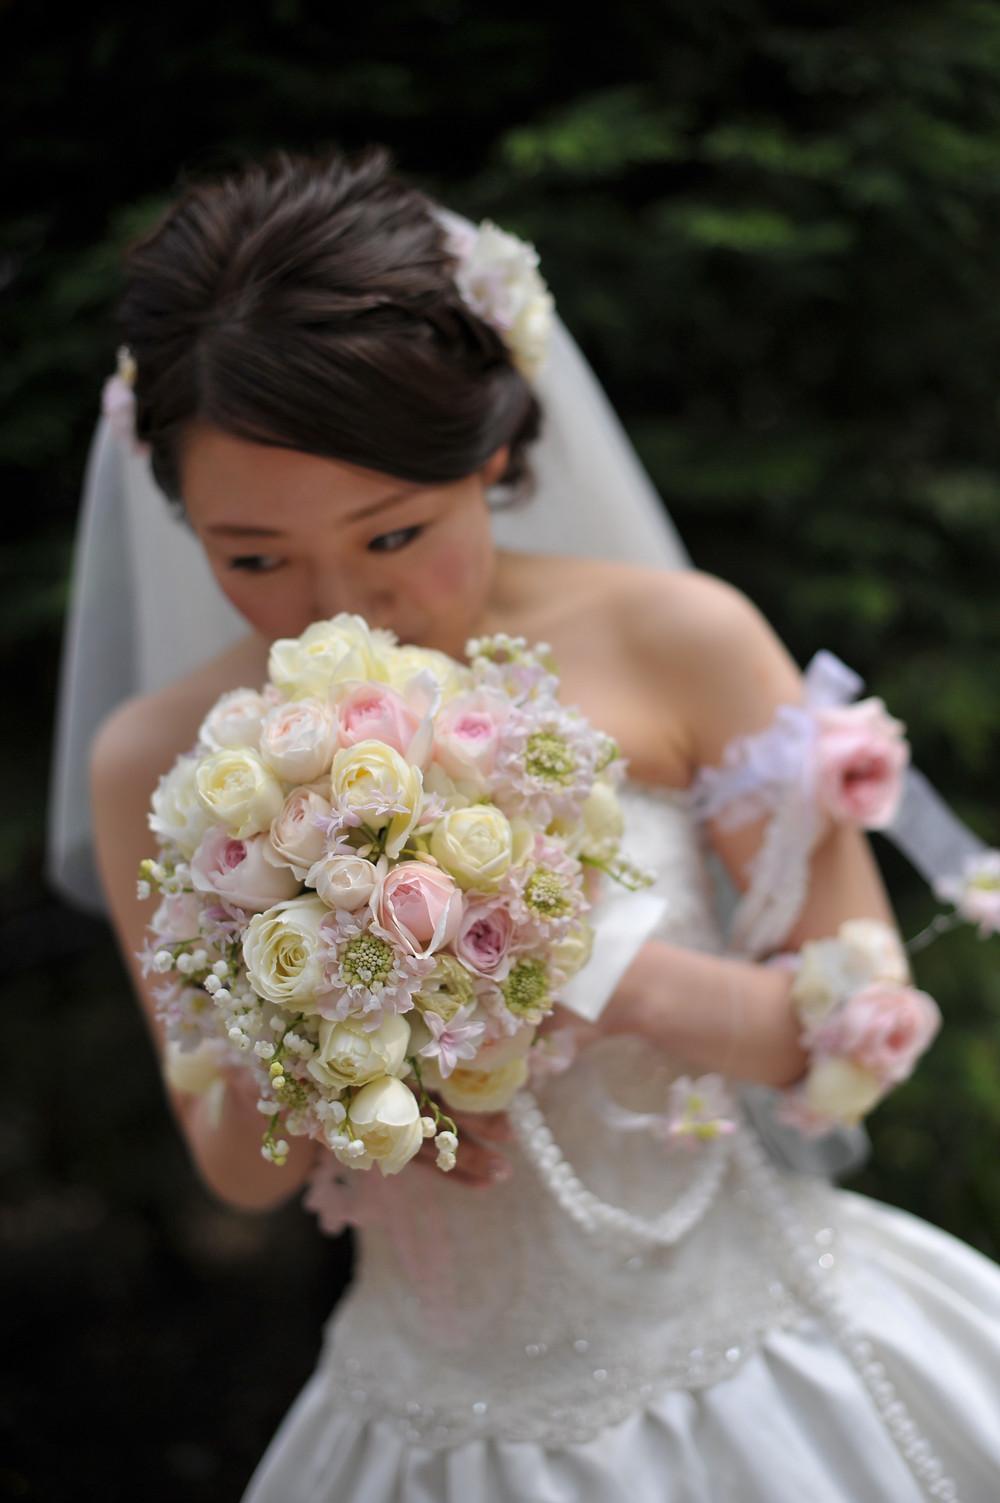 ティアドロップブーケ 春、バラとスズラン 白とピンク